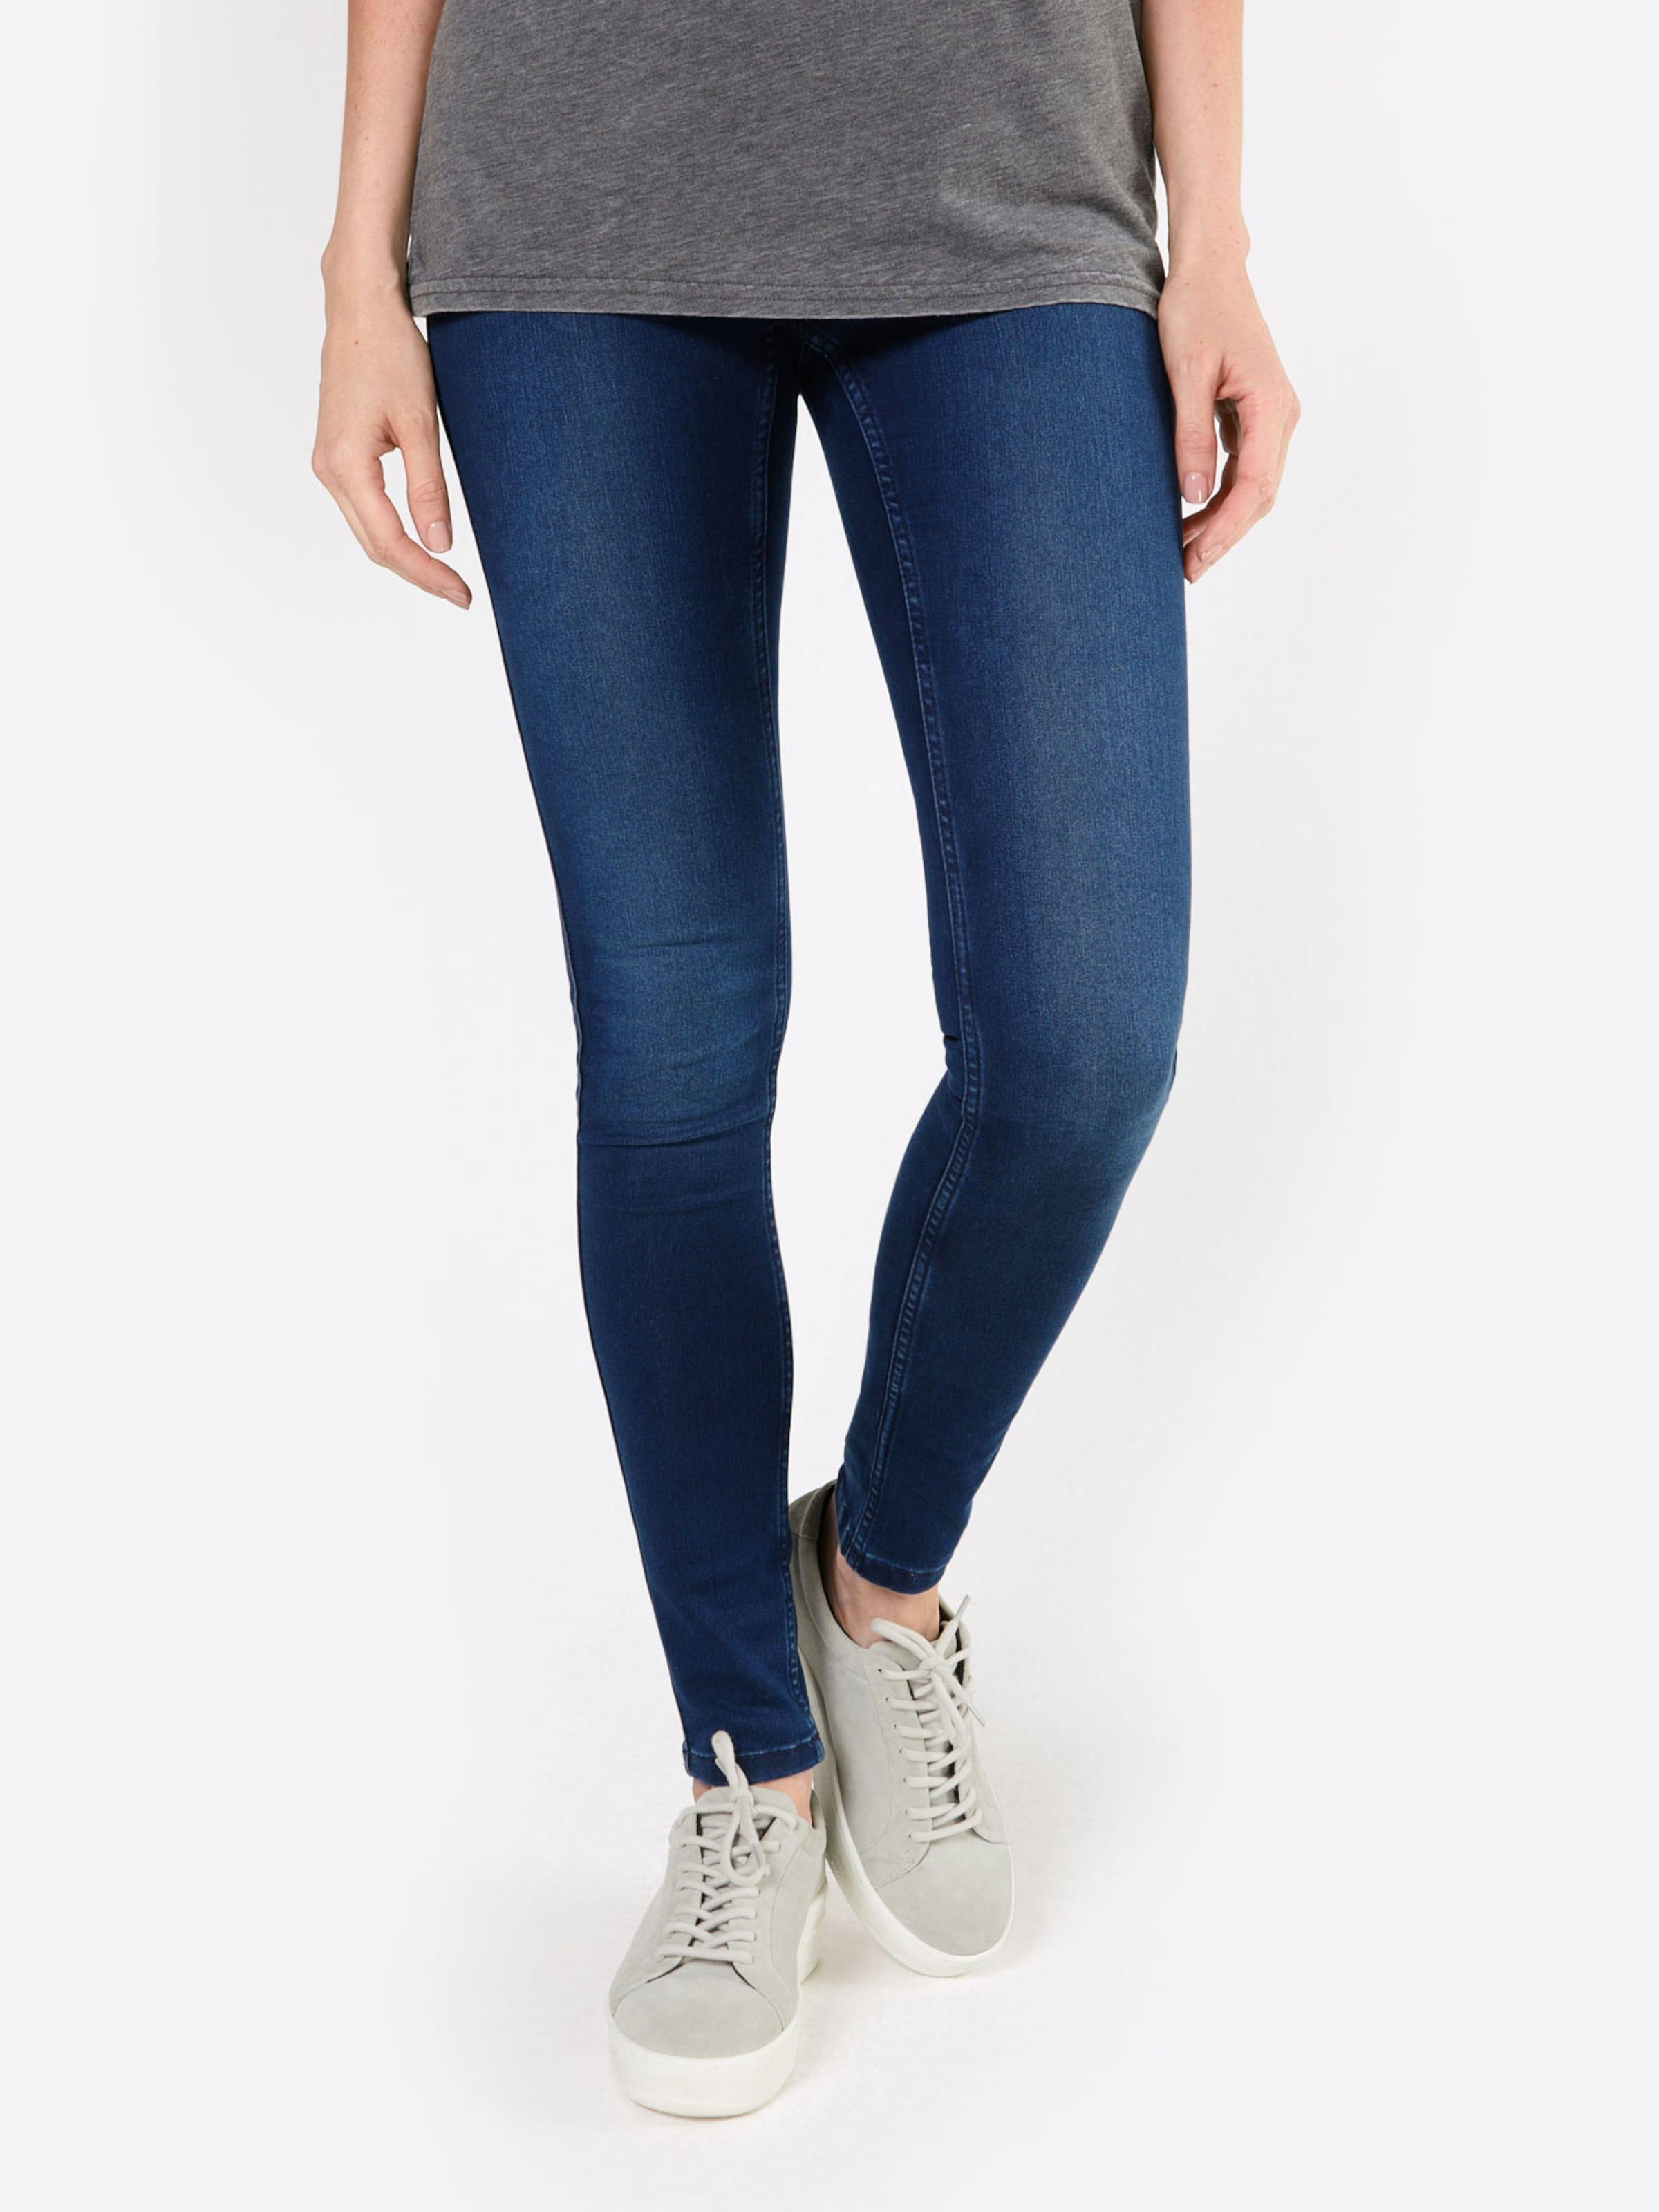 Billig Verkauf Großhandelspreis Top Qualität Noisy may Skinny Jeans 2018 Neuer Günstiger Preis Freies Verschiffen Finish aciYnpGP2q